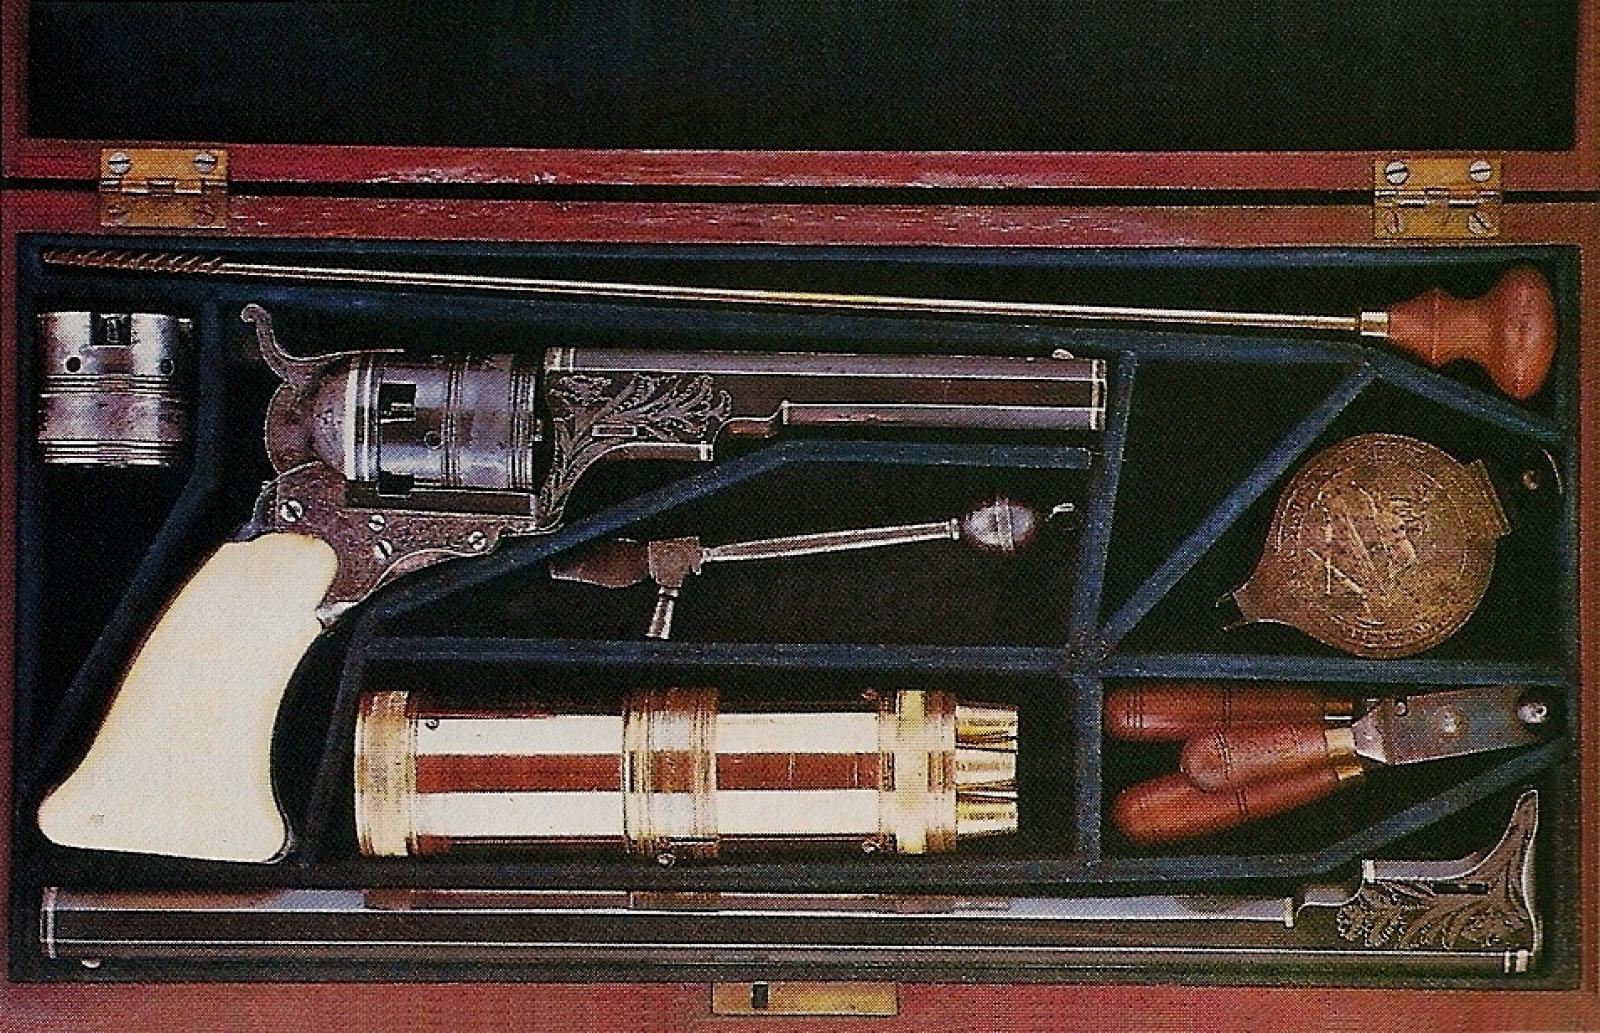 Ce somptueux coffret d'époque en acajou renferme un « Belt model Paterson n°3 » gravé, incrusté de fils d'argent et doté d'une poignée en ivoire. Il est muni d'un canon de 4 pouces 5/8 mais le coffret renferme également un canon d'une longueur de 12 pouces ainsi qu'un barillet de rechange et quelques accessoires spécifiques (photo provenant de l'ouvrage « Colt Engraving »).